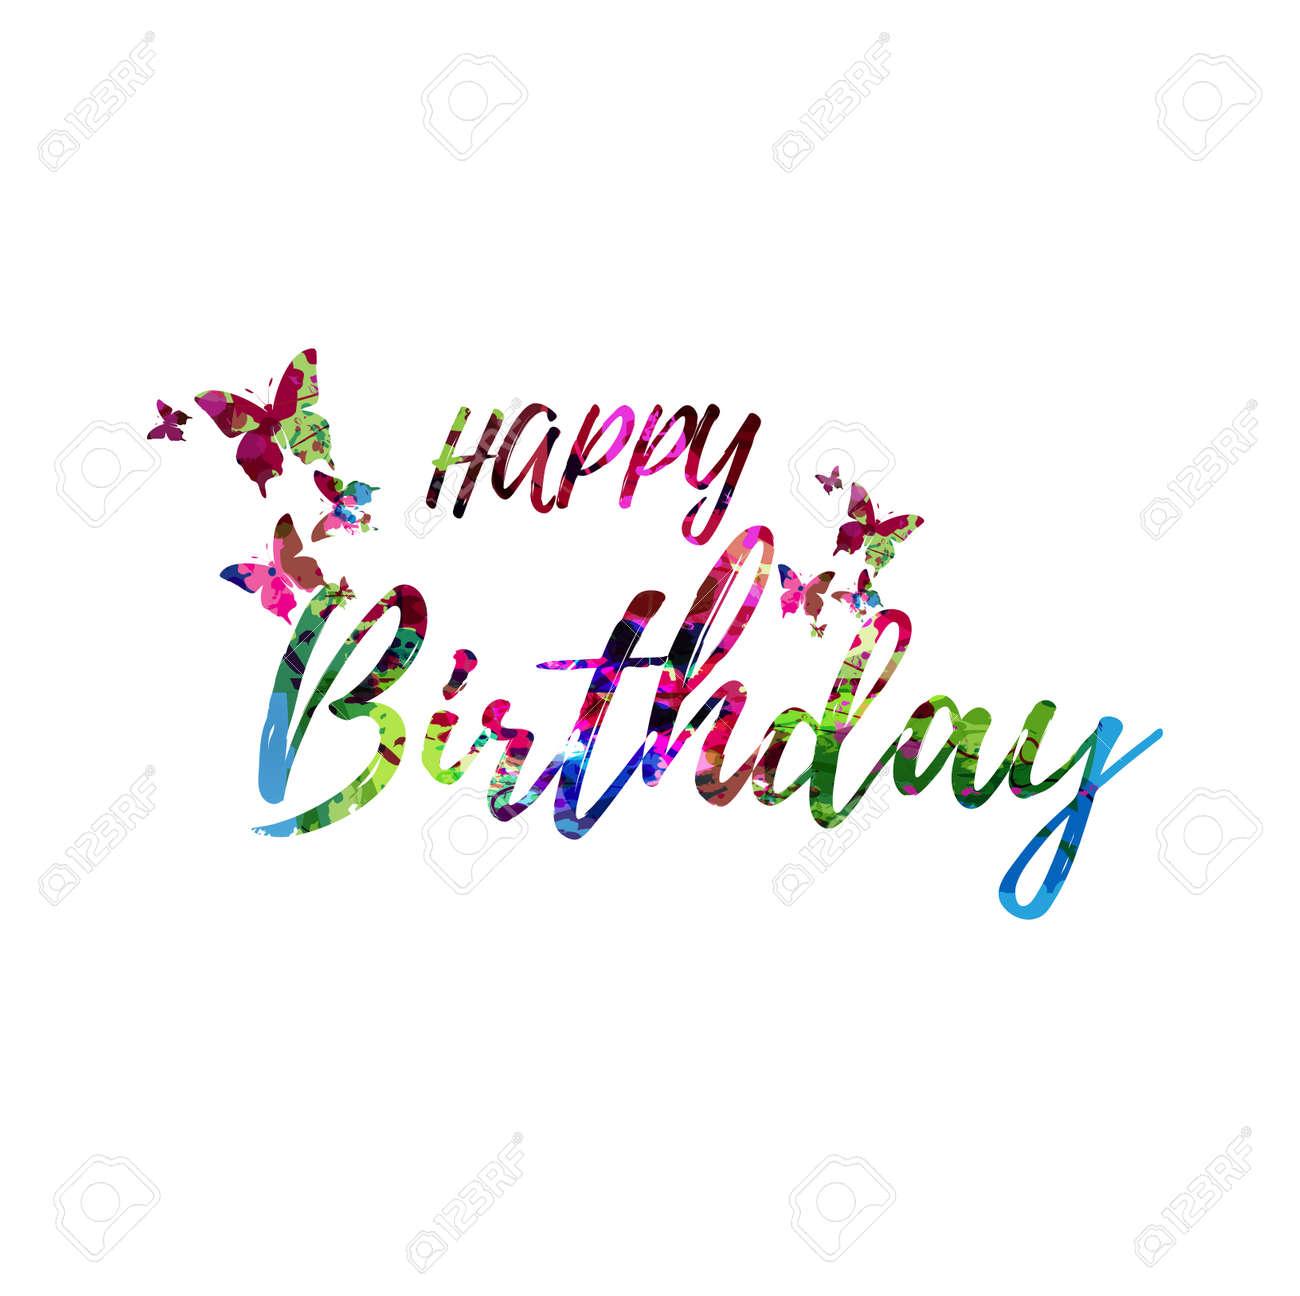 お誕生日おめでとうカラフルな手書きの碑文孤立 ハッピーバースデー書道ベクトルイラスト ハッピーバースデーフレーズレタリングのイラスト素材 ベクタ Image